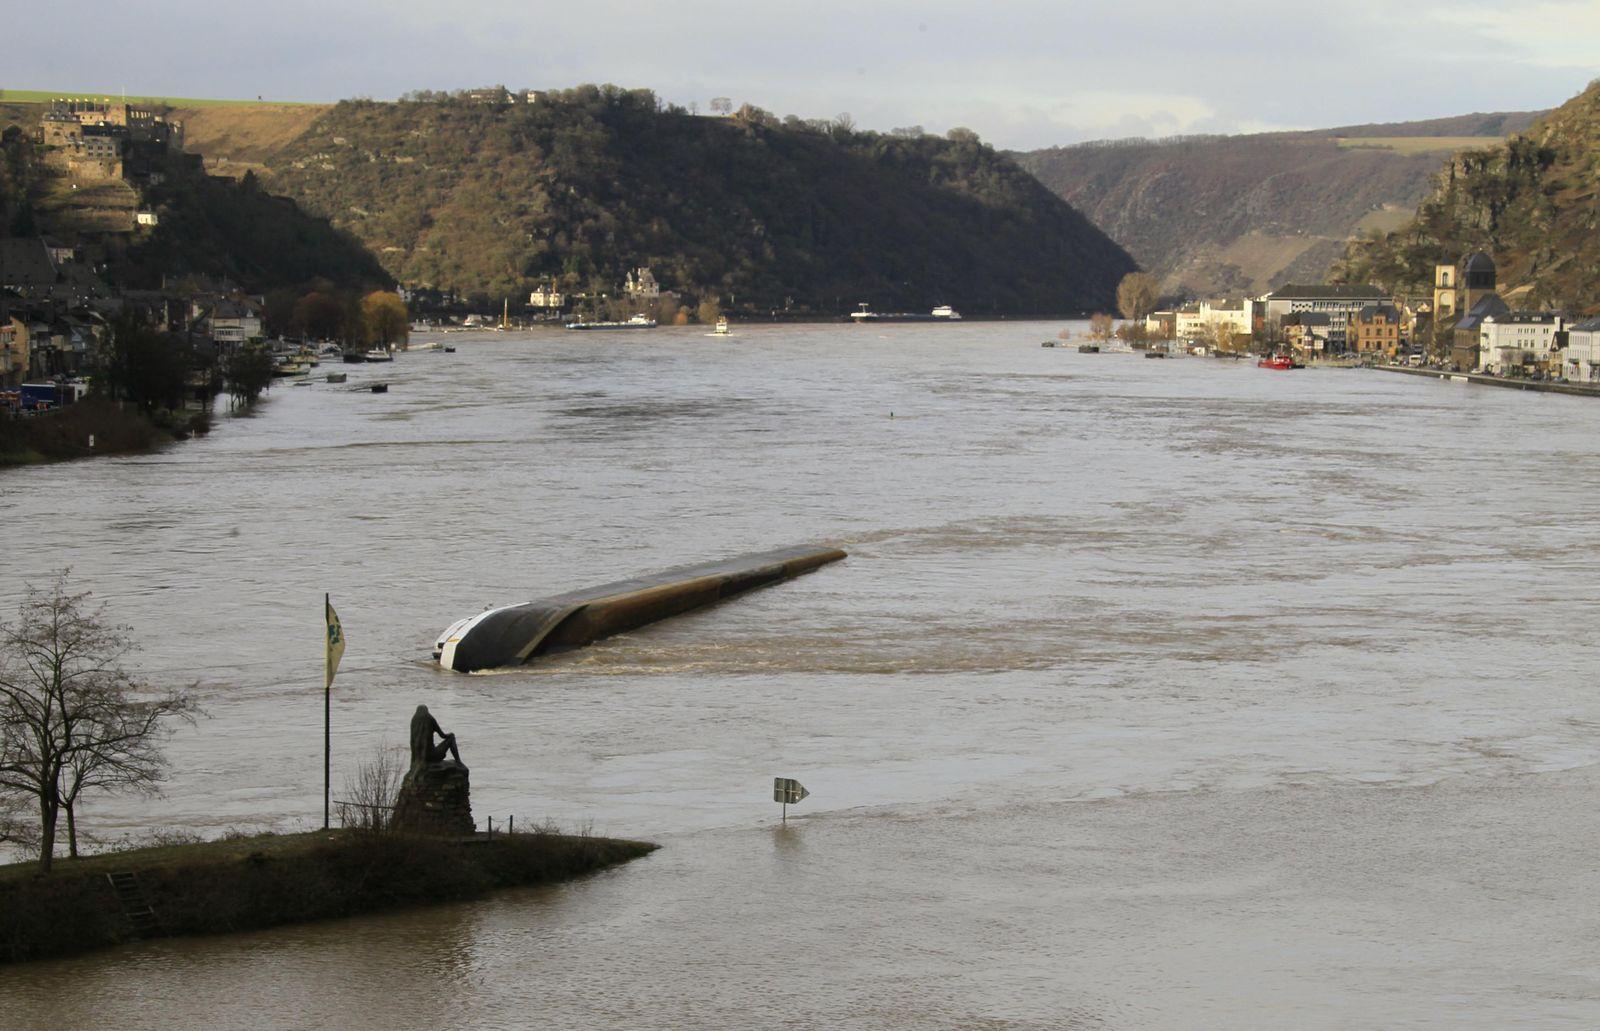 Tanker - Rhine